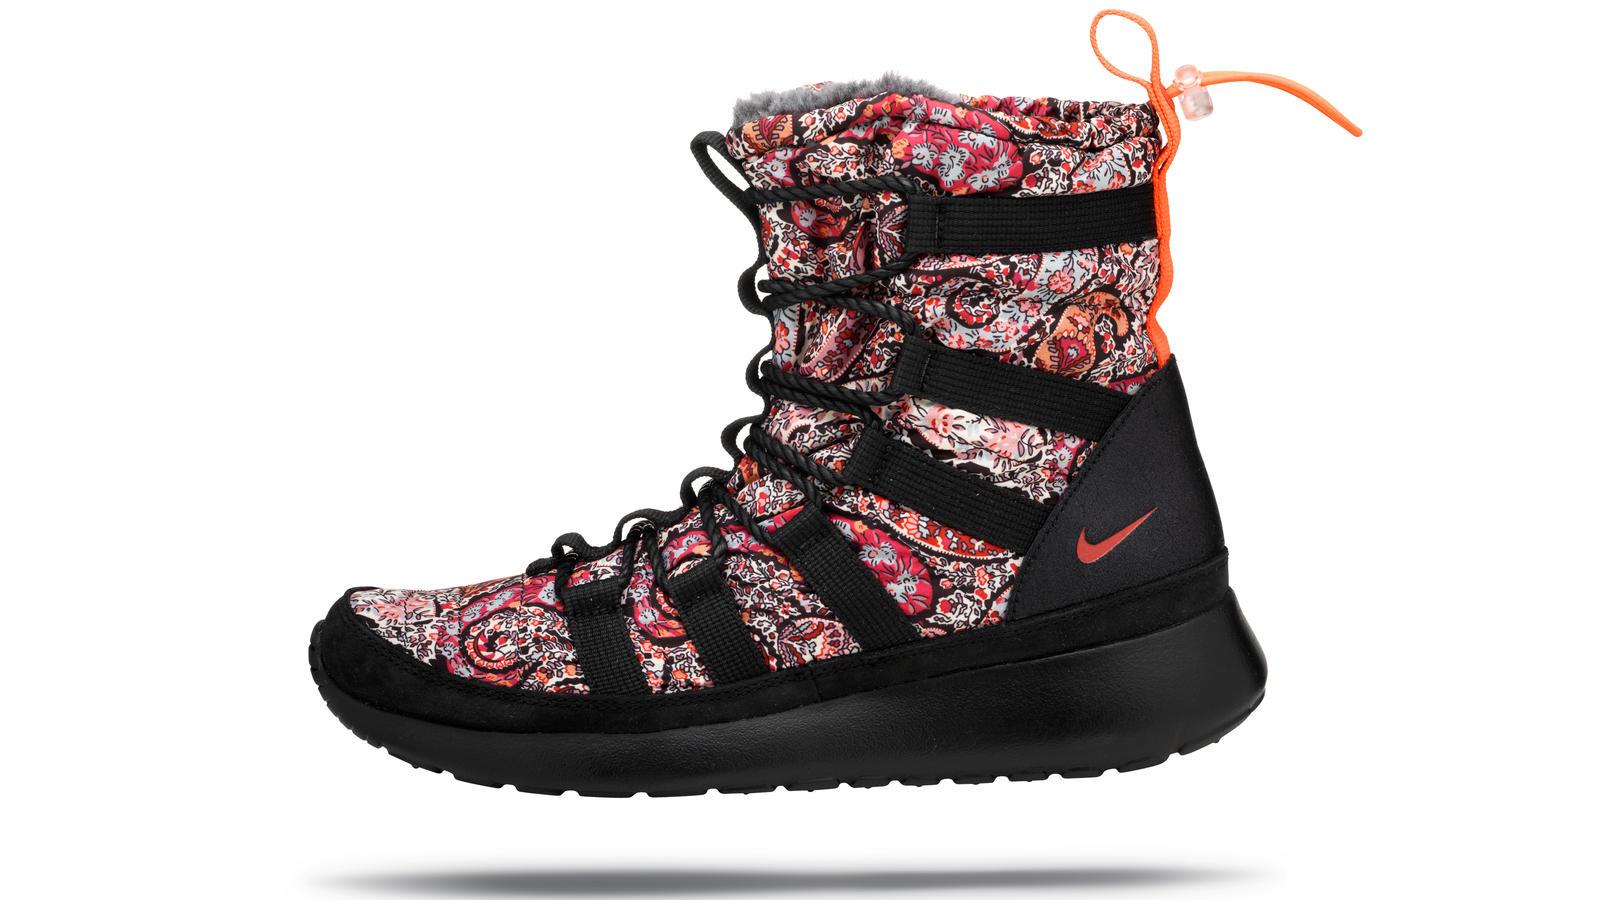 nike_roshe_run_hi_sneakerboot_06